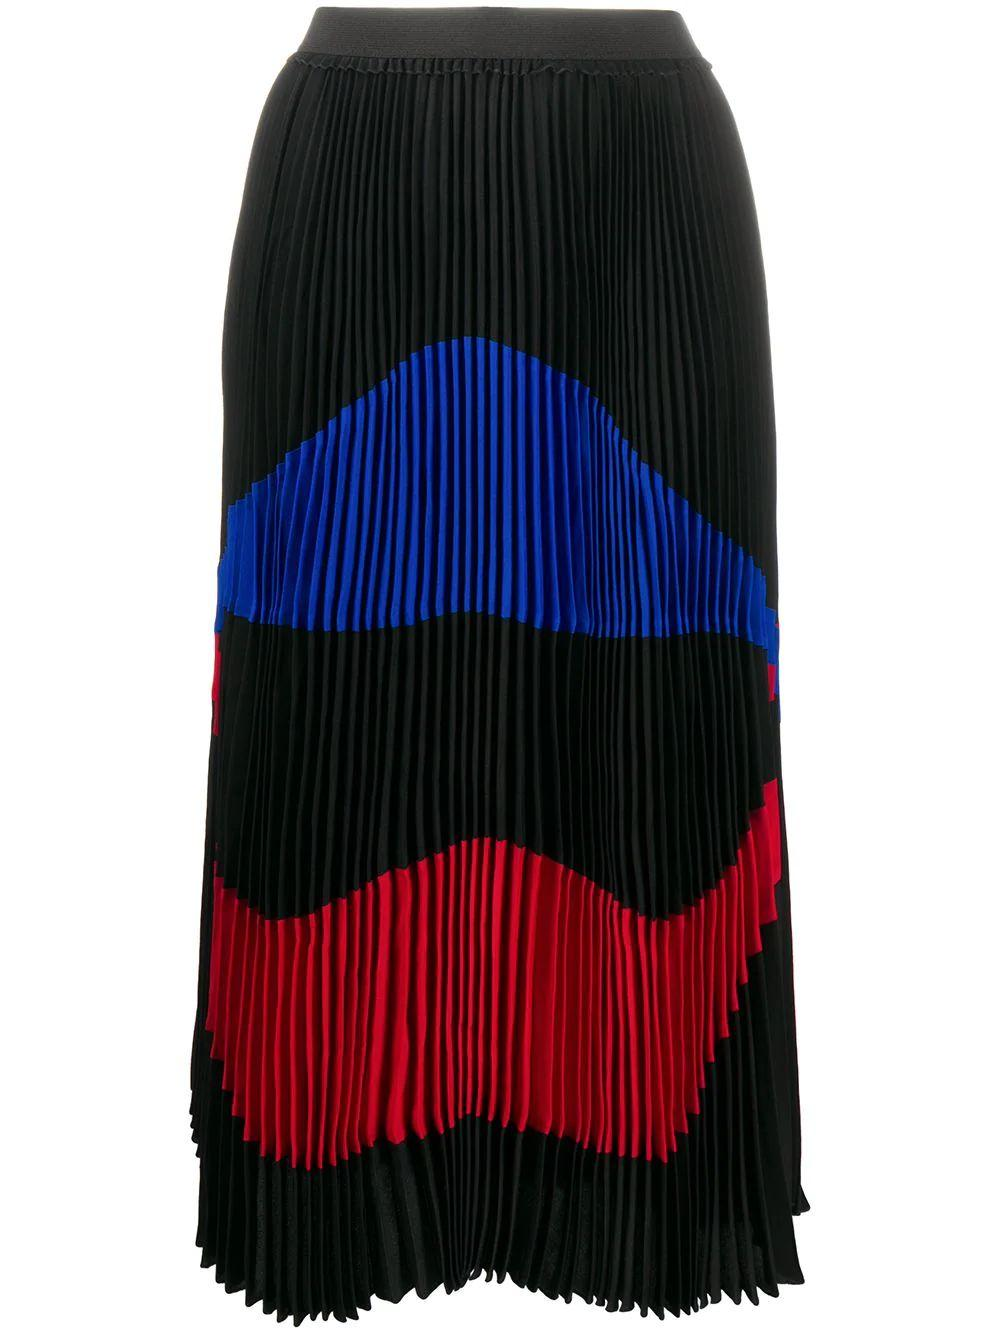 Multicolor Pleated Midi Skirt Item # C061-5111-9000